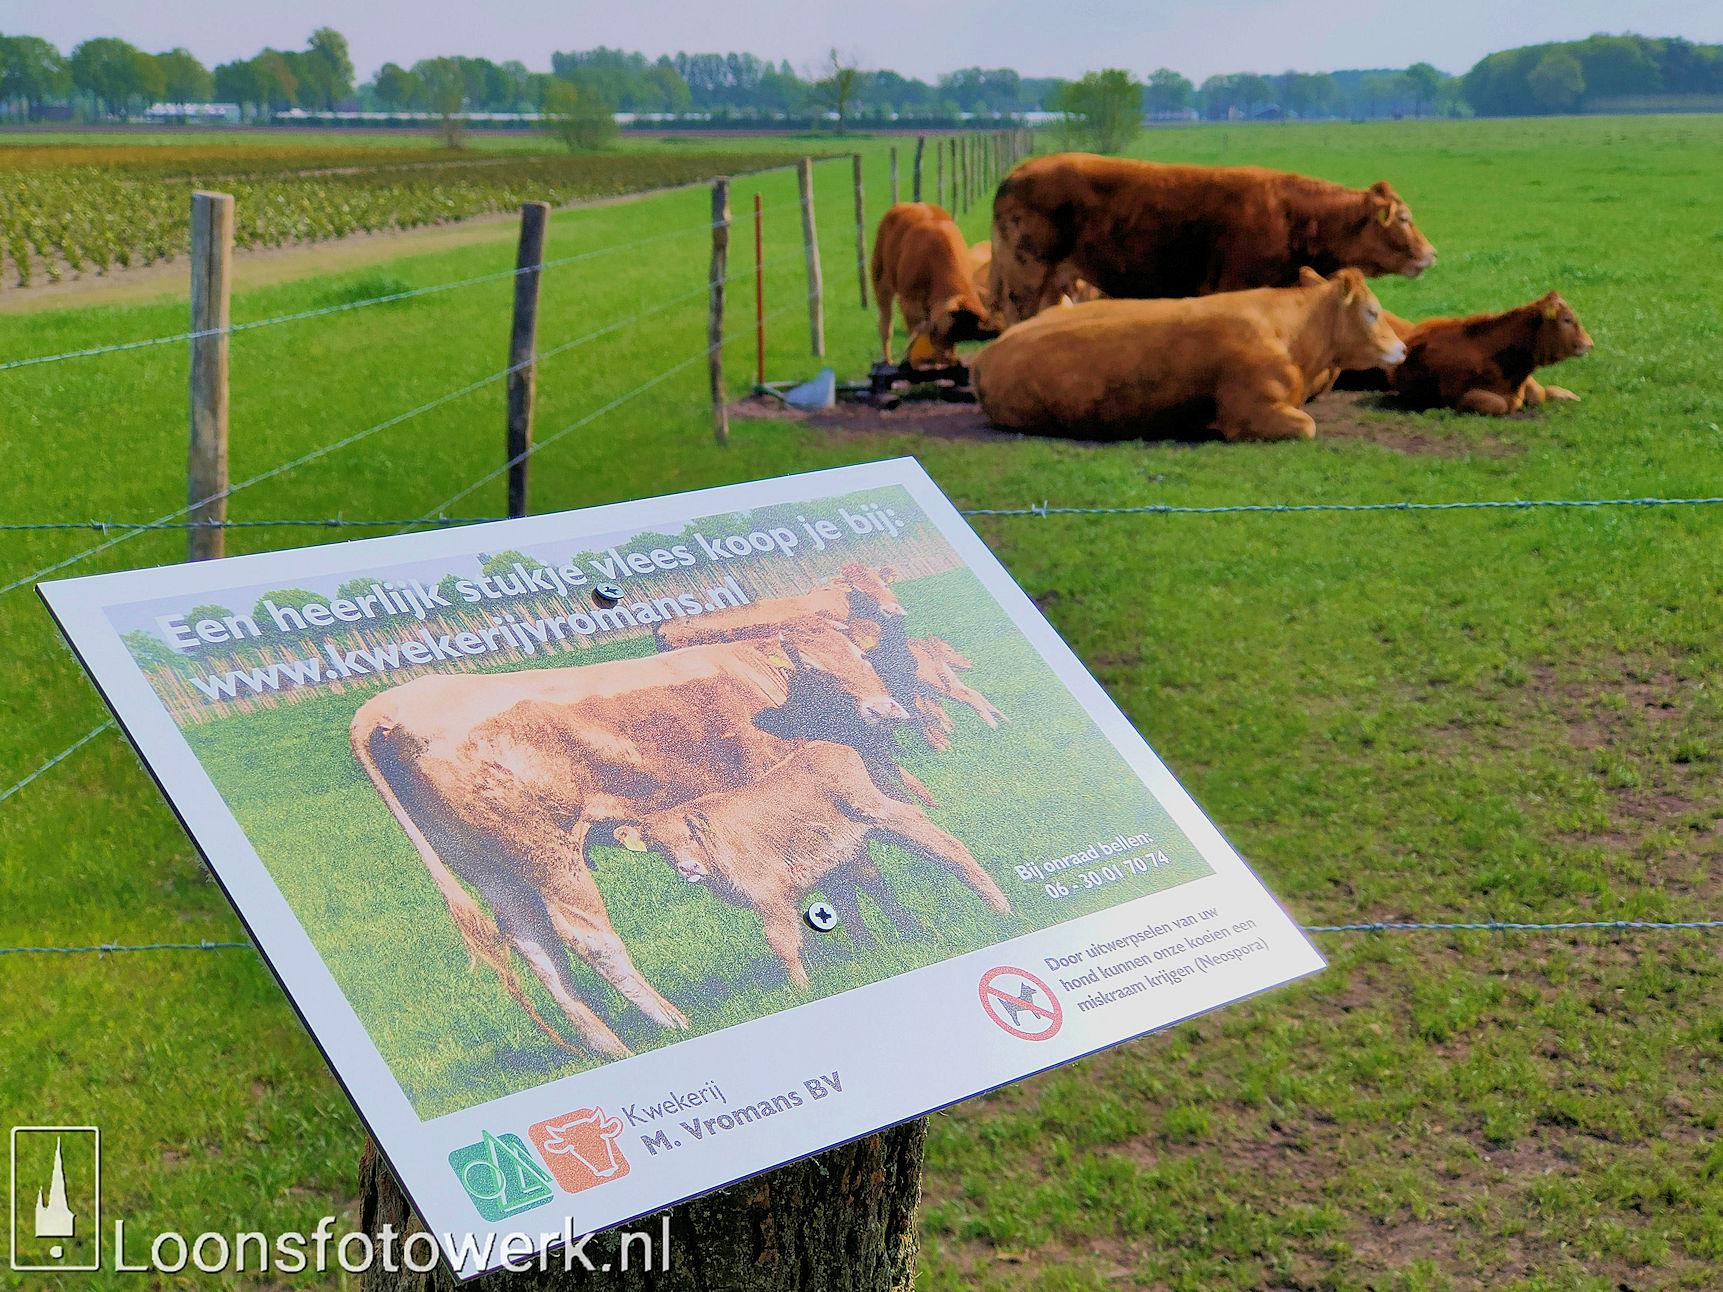 Vromans Limousin koeien Moleneind 1